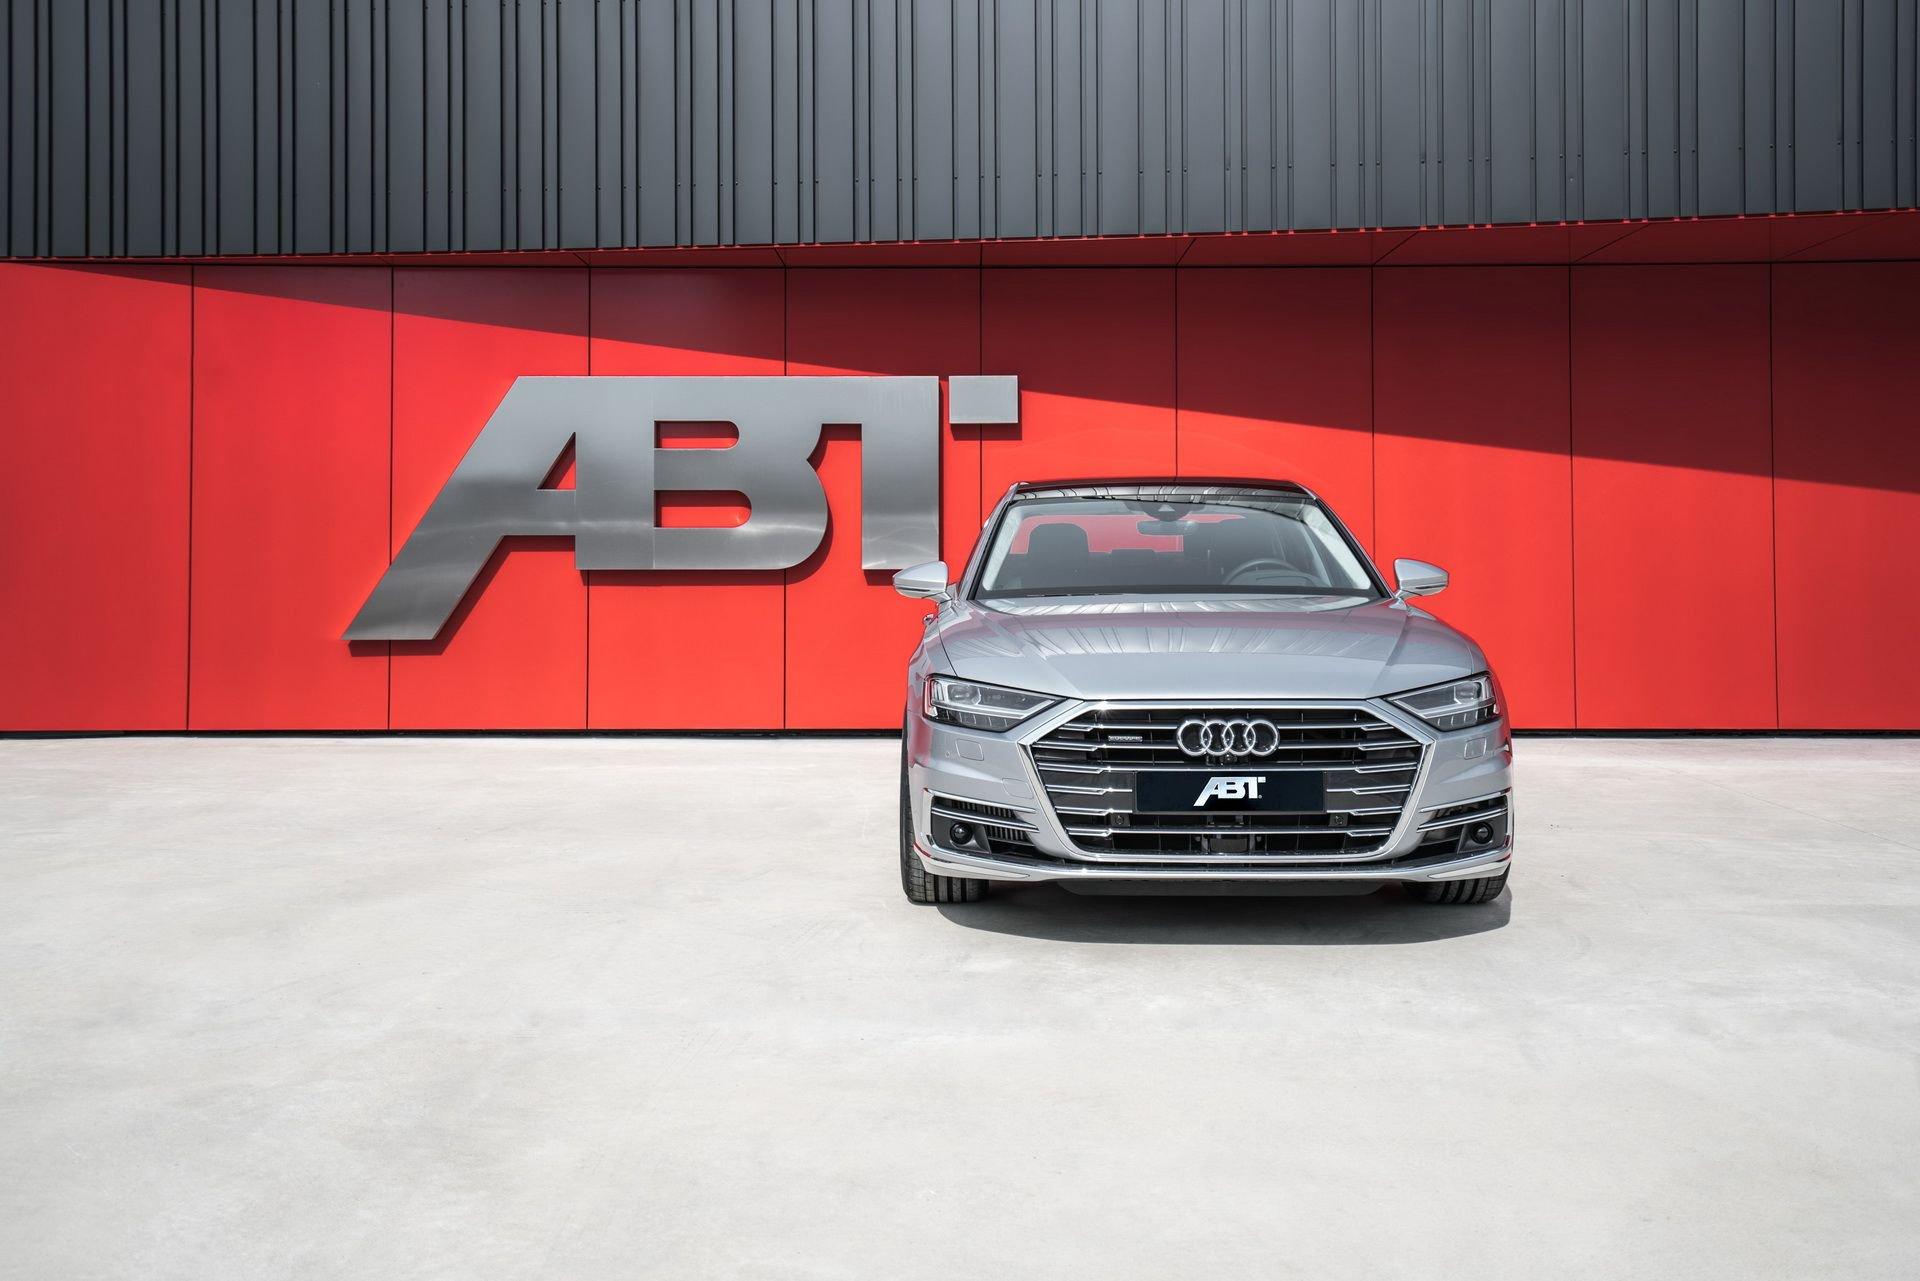 Audi A8 by ABT (1)